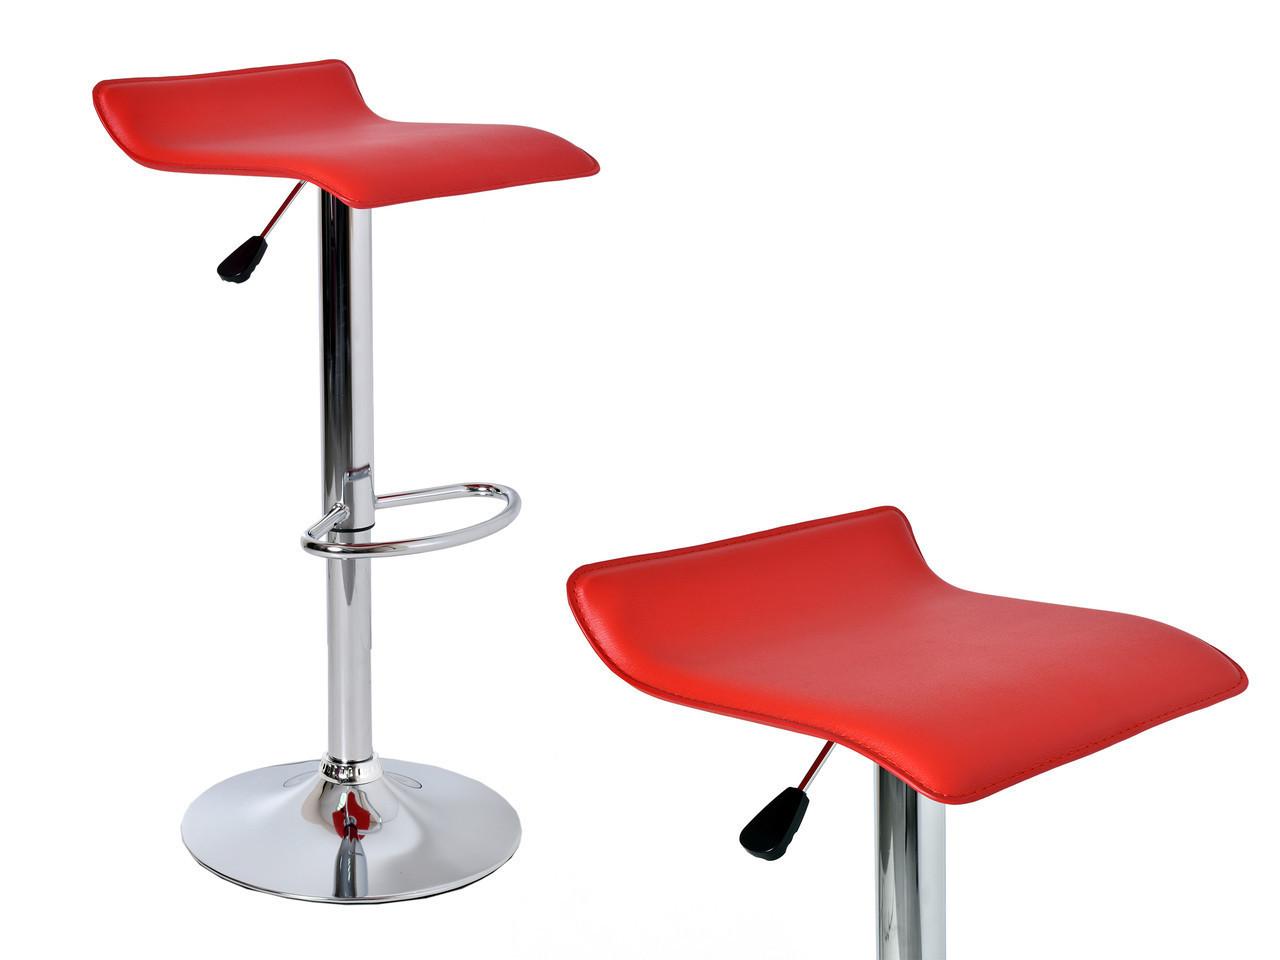 Металлические барные стулья Porti Качество ЕС, Польша